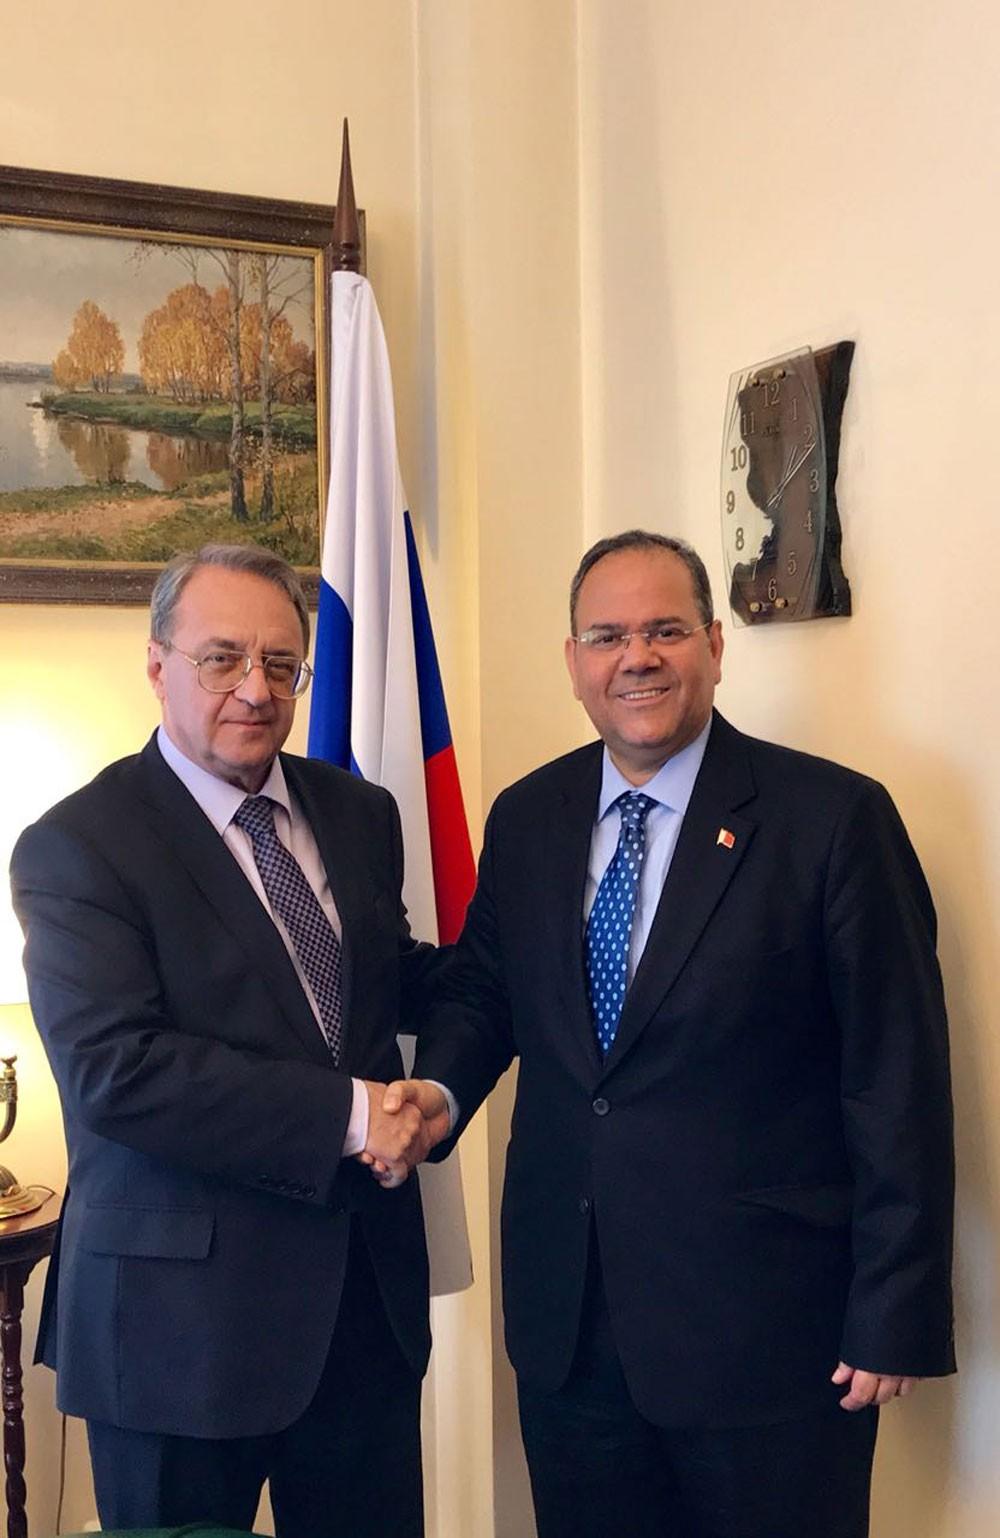 نائب وزير خارجية روسيا الاتحادية يستقبل سفير مملكة البحرين في موسكو